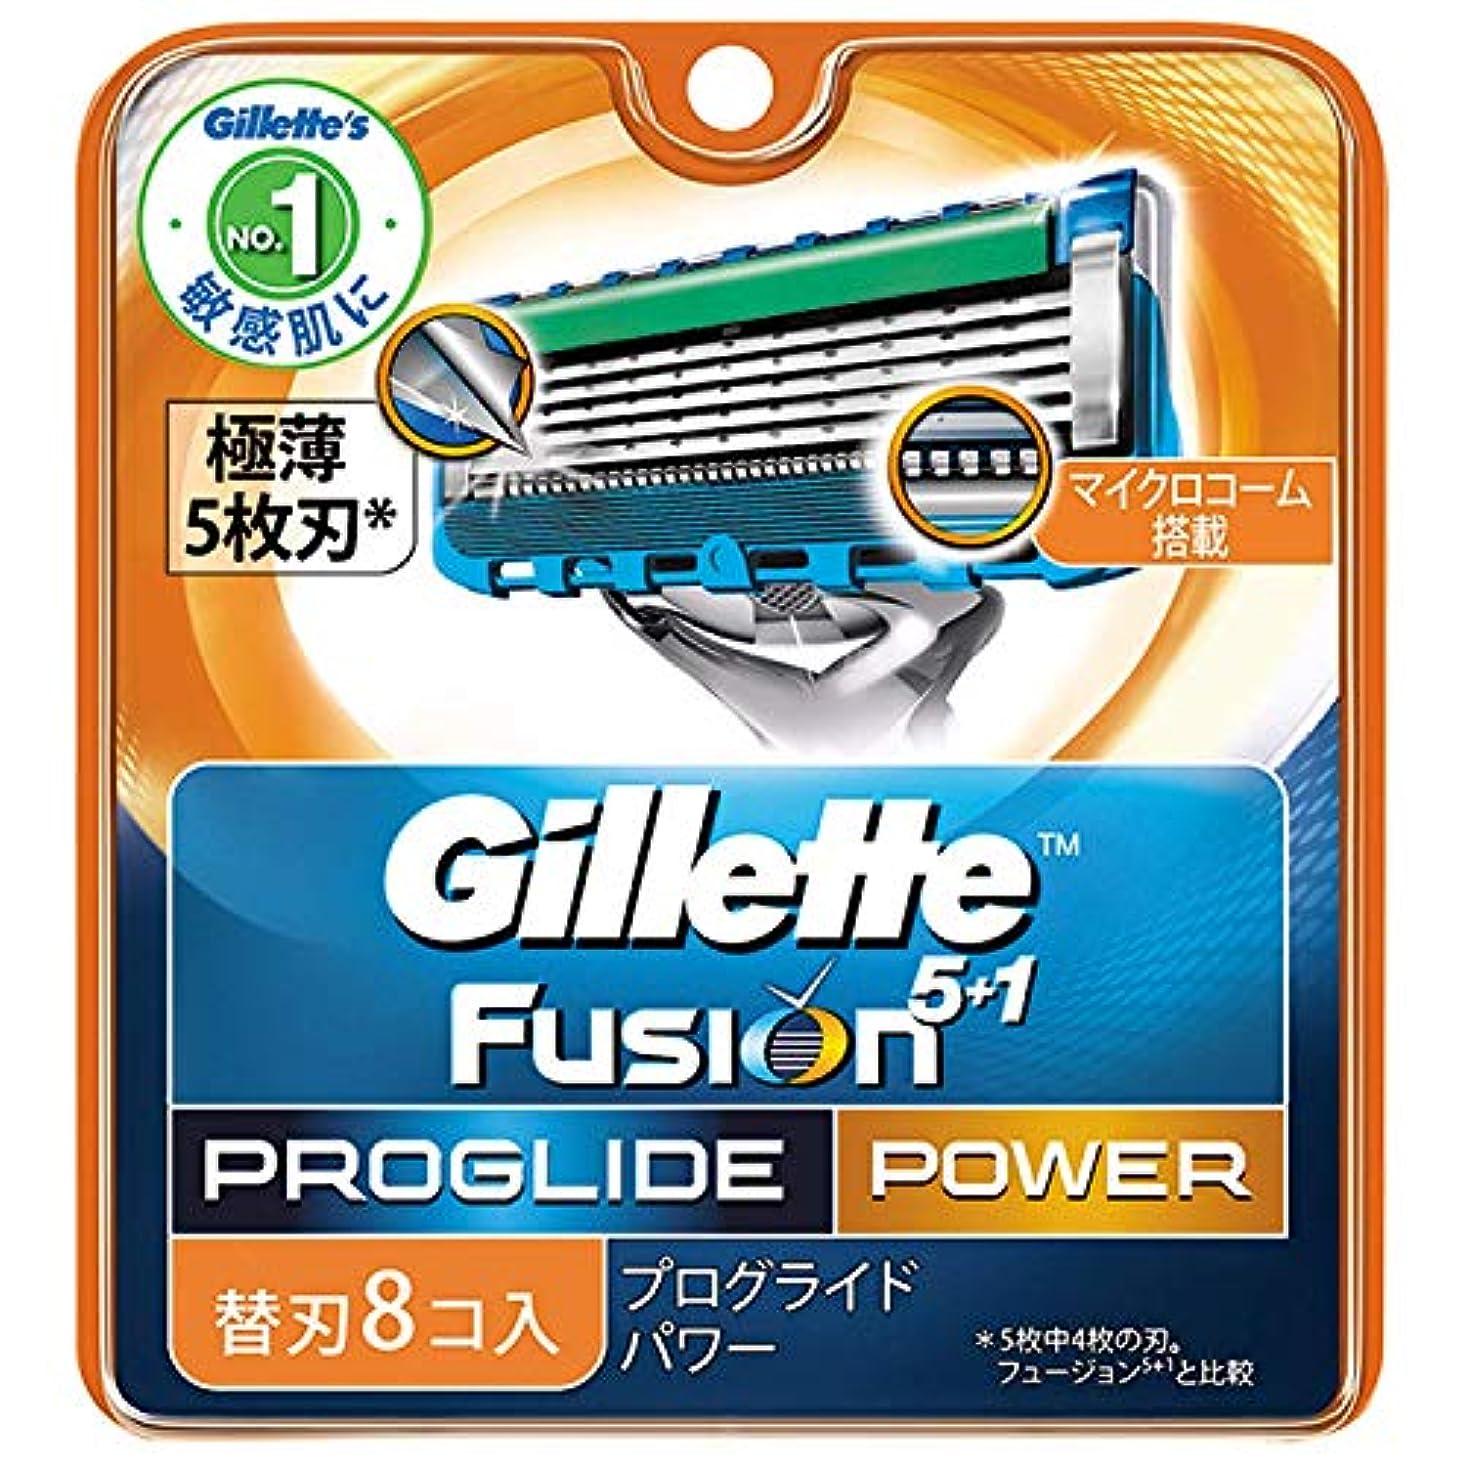 ボウルロック溶融ジレット プログライド フレックスボール パワー 髭剃り 替刃 8コ入 × 20点